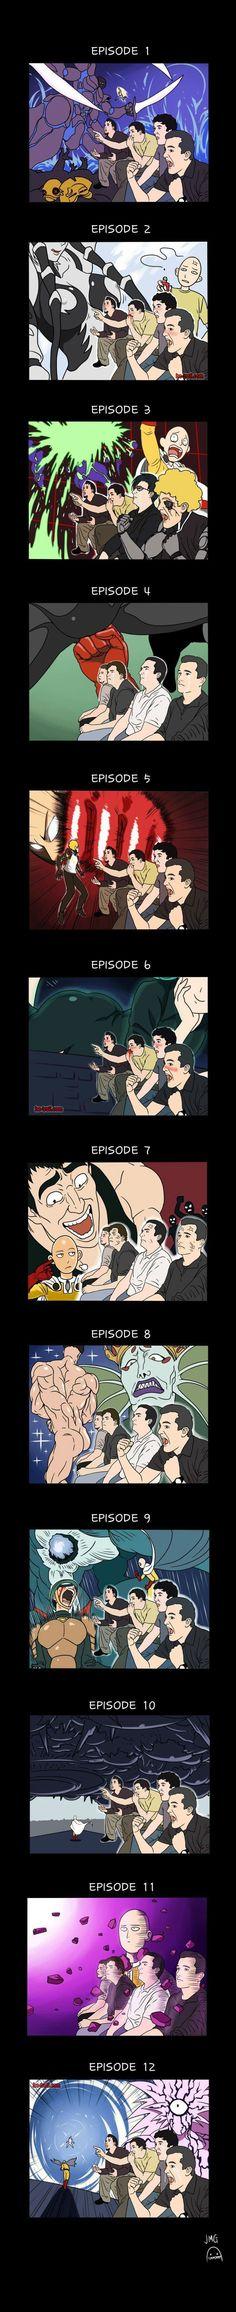 La réaction des fans au cours des 12 épisodes de One Punch Man… | Be-troll